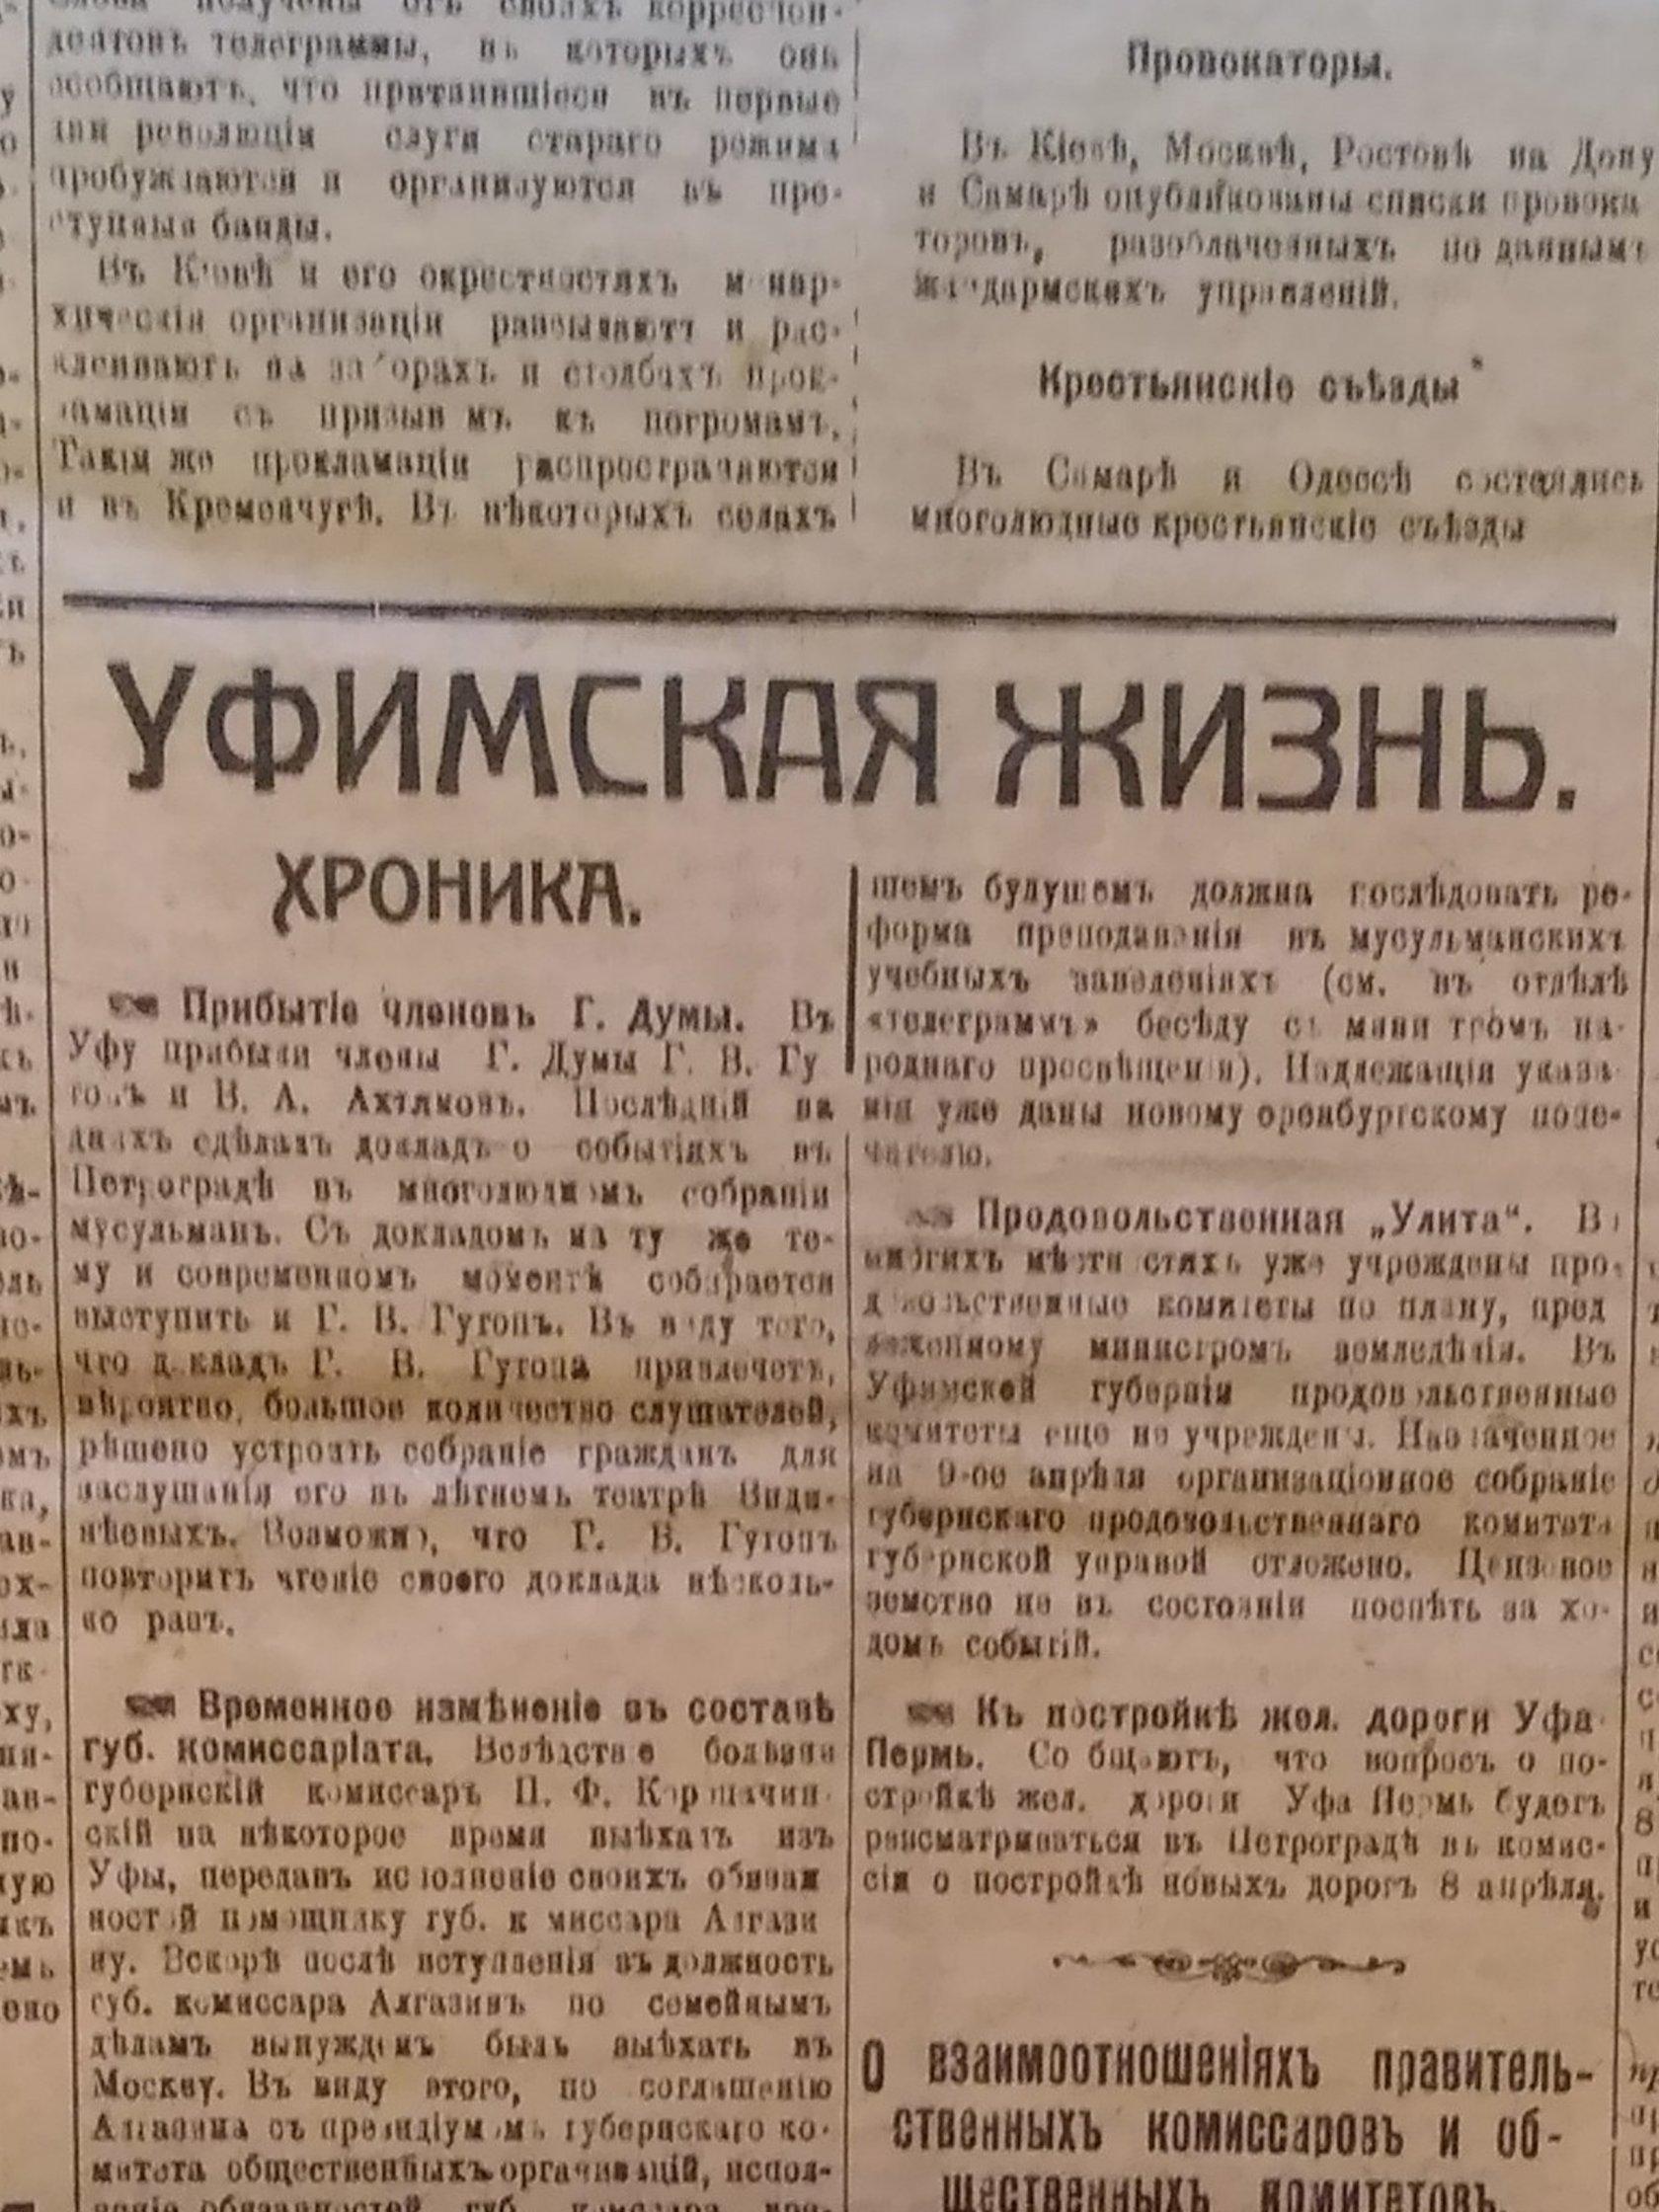 объявления в уфимских газетах о работе